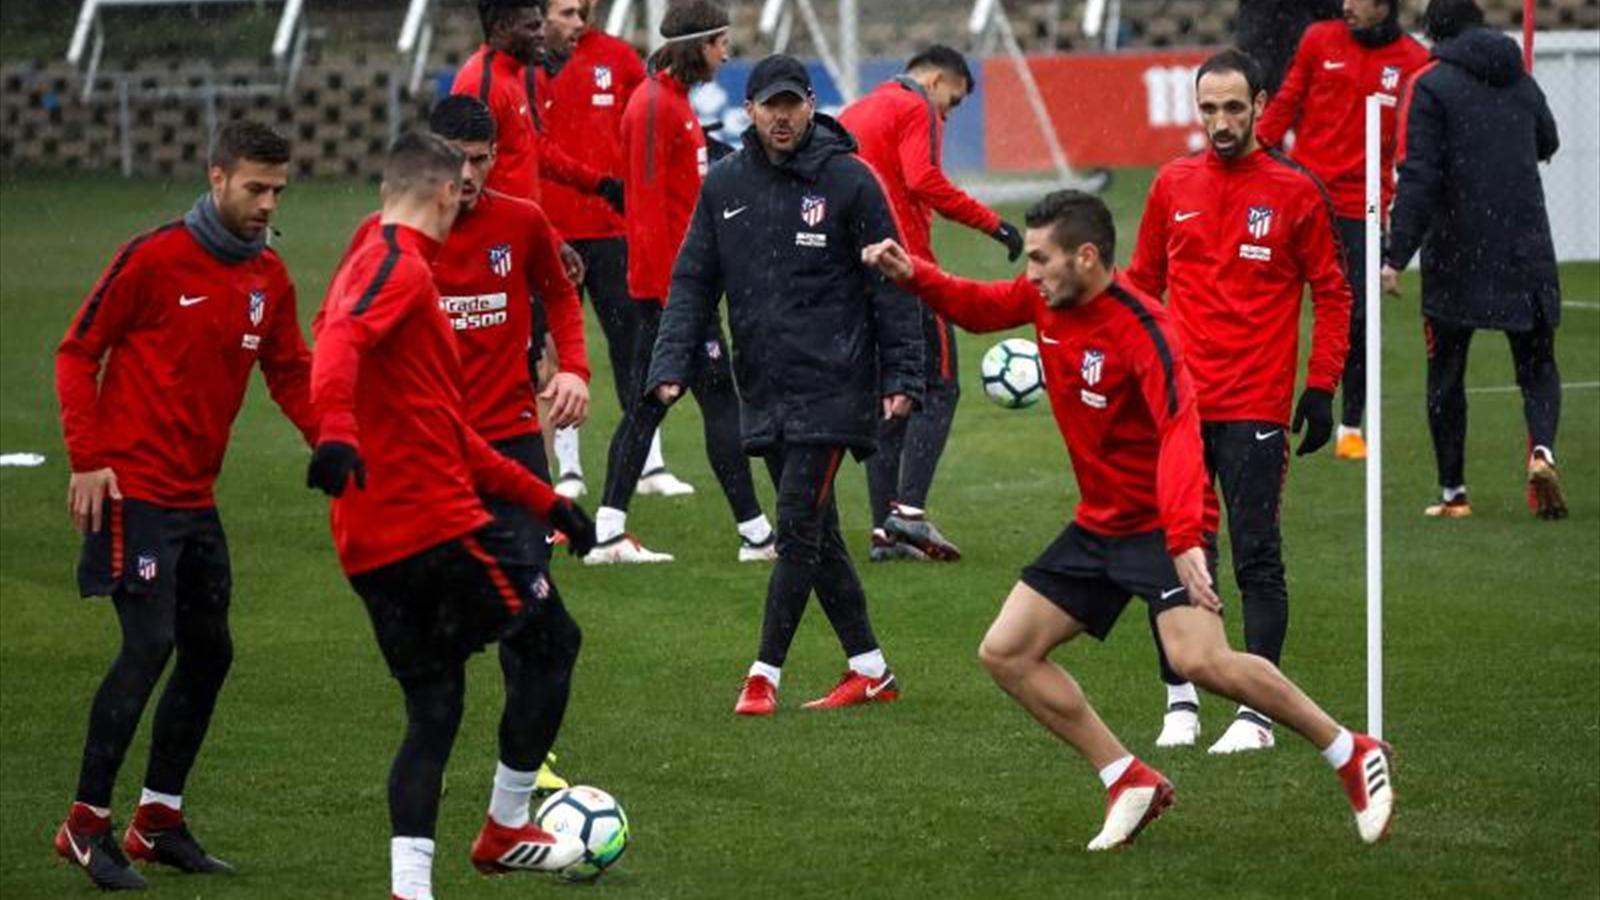 El Atlético frente al Celta, con Oblak y la intención de reanudar la ...